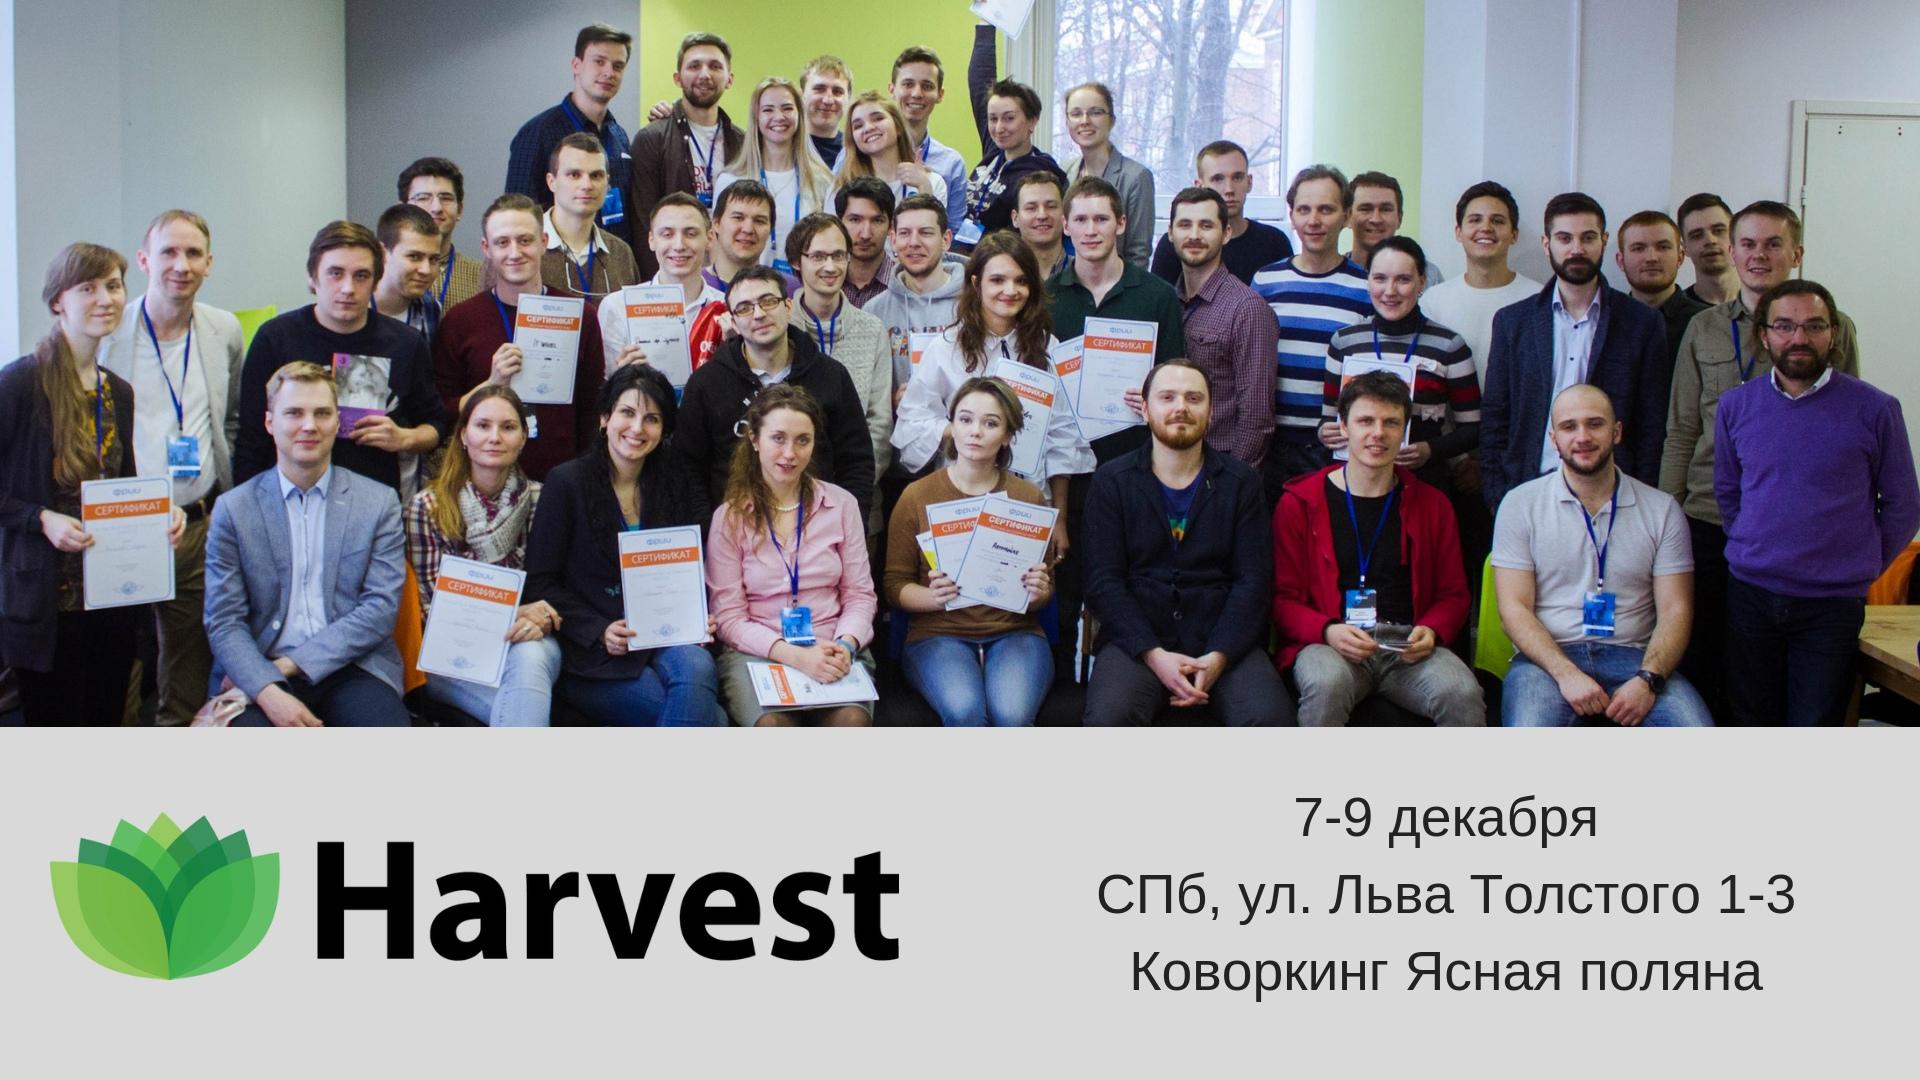 7-9 декабря в Санкт-Петербурге пройдет HARVEST